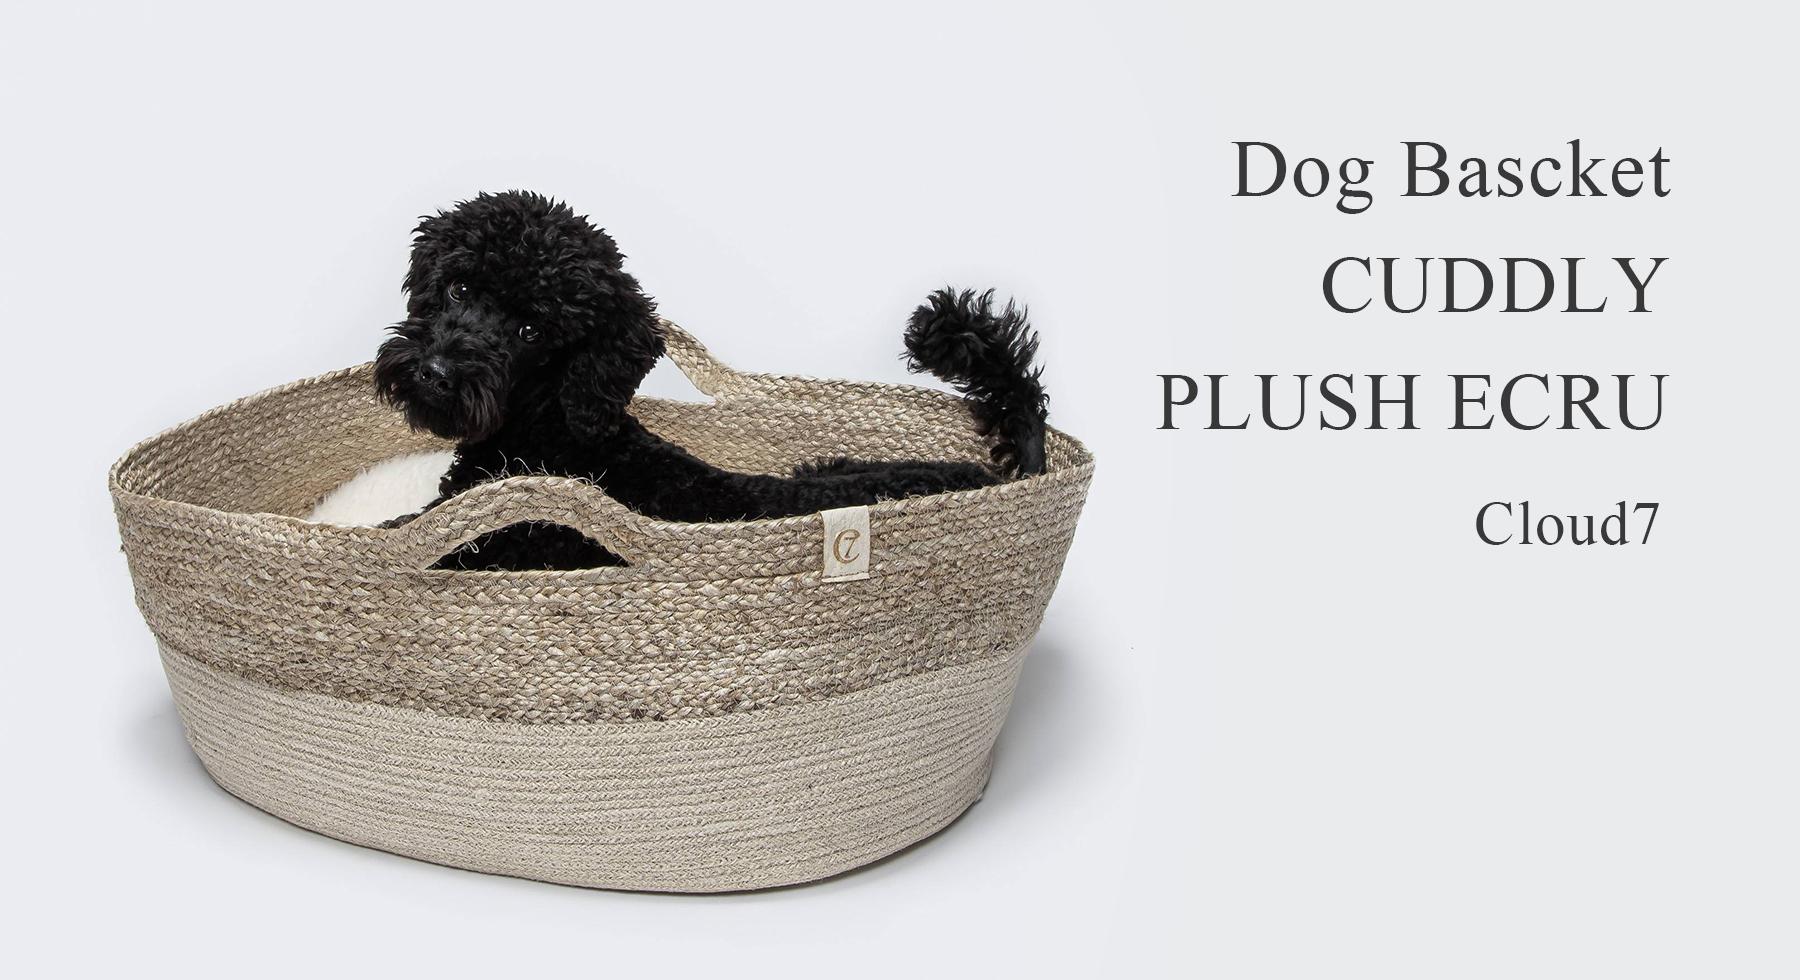 Cloud7 | DOG BASKET CUDDLY PLUSH ECR